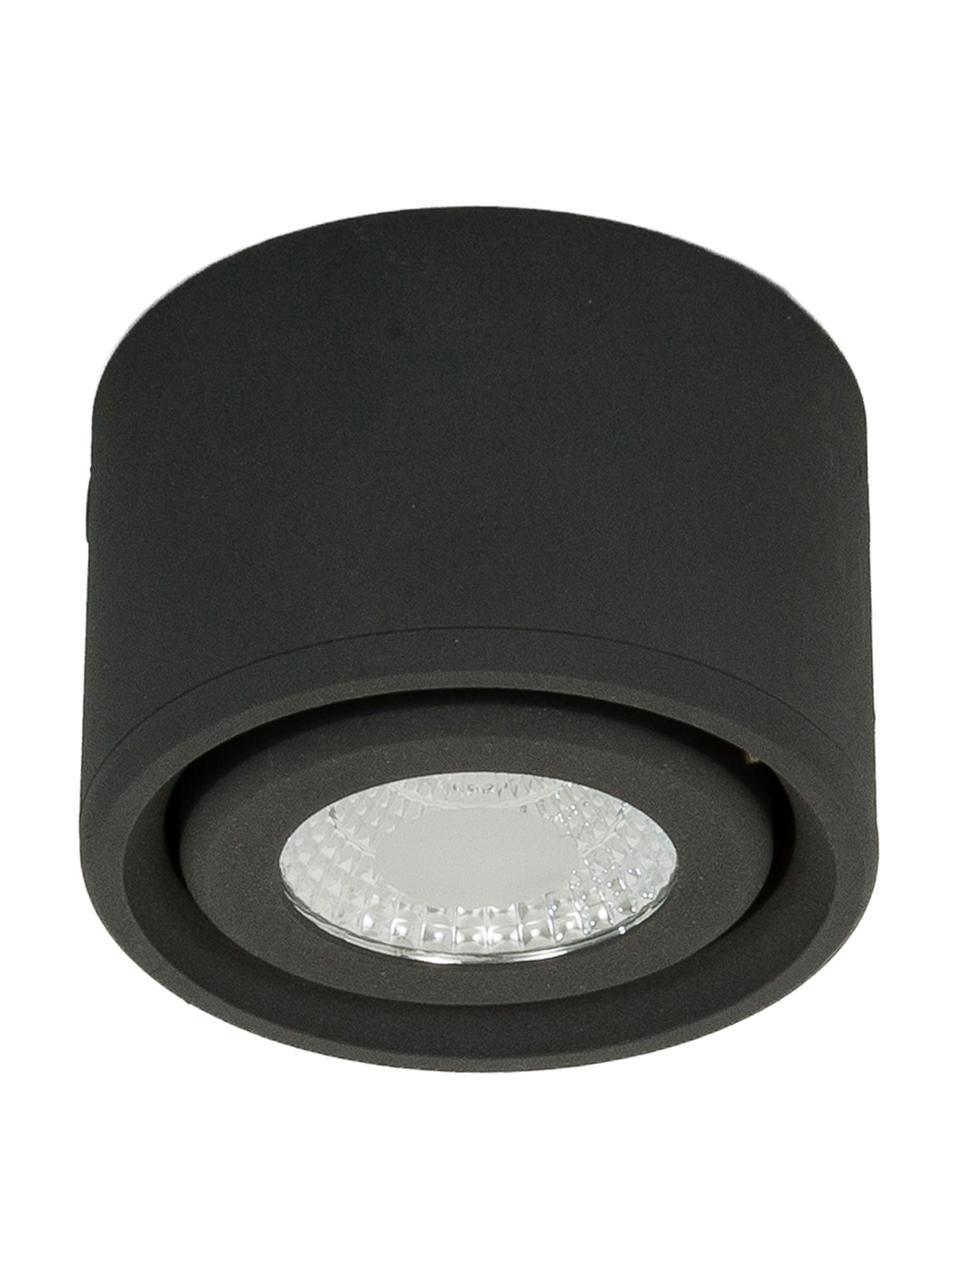 LED plafondspot Anzio in antraciet, Lamp: gecoat aluminium, Antraciet, Ø 8 x H 5 cm